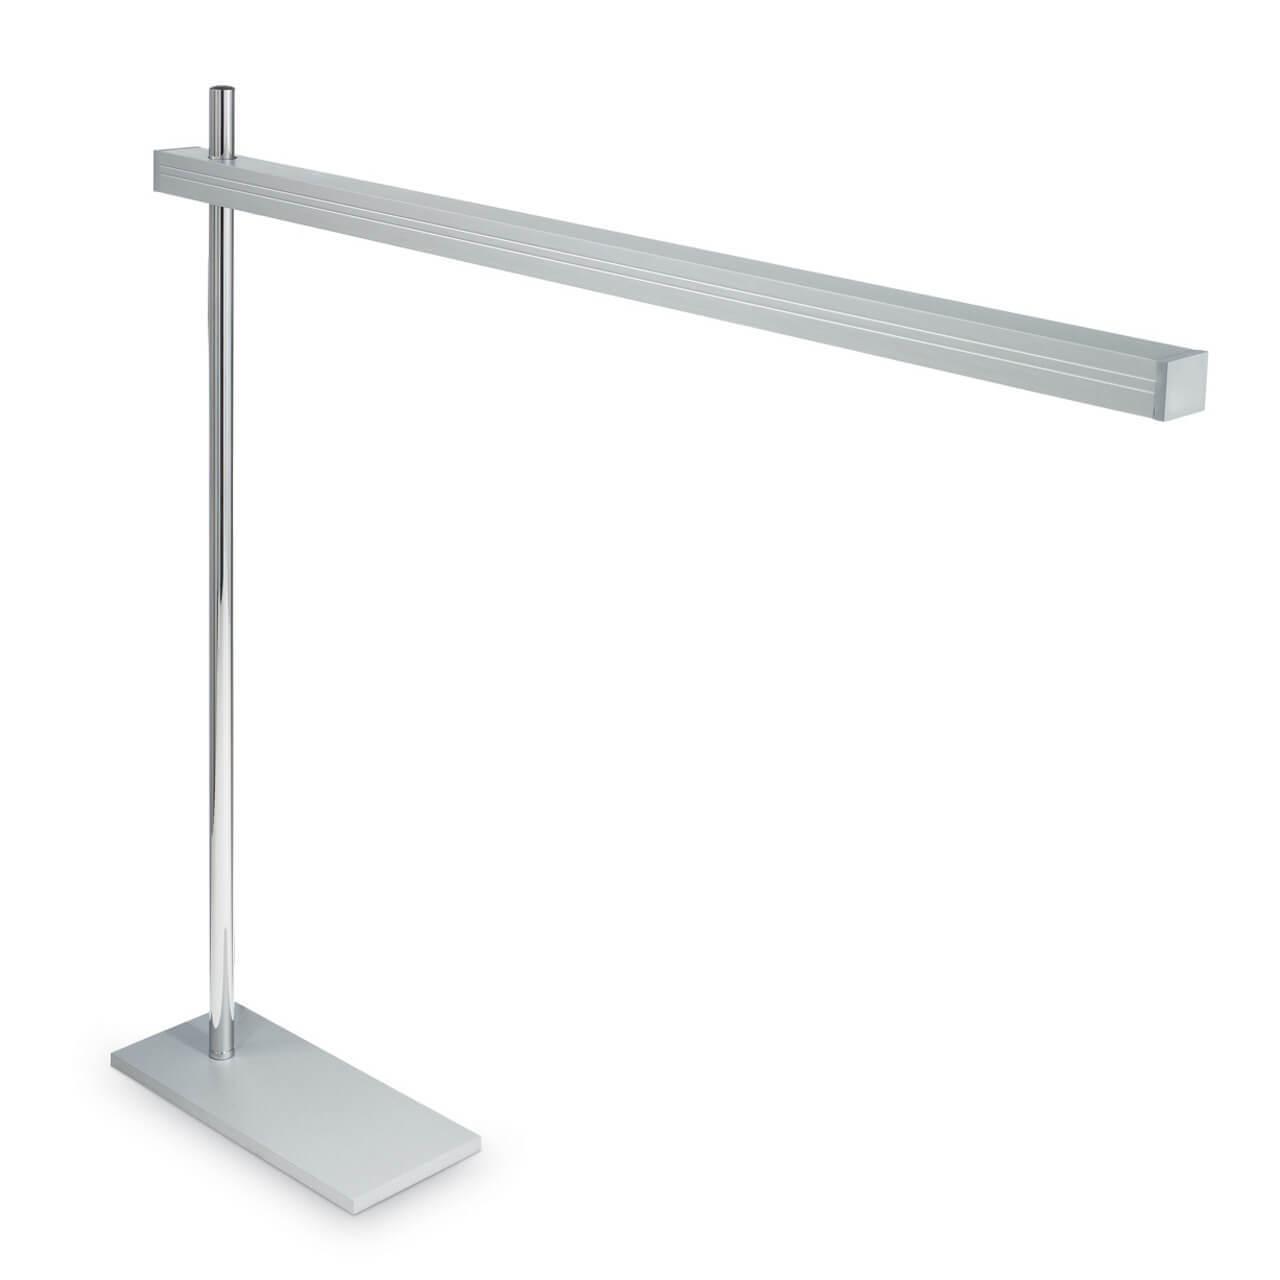 цены Настольная лампа Ideal Lux Gru Tl Alluminio Gru Alluminio